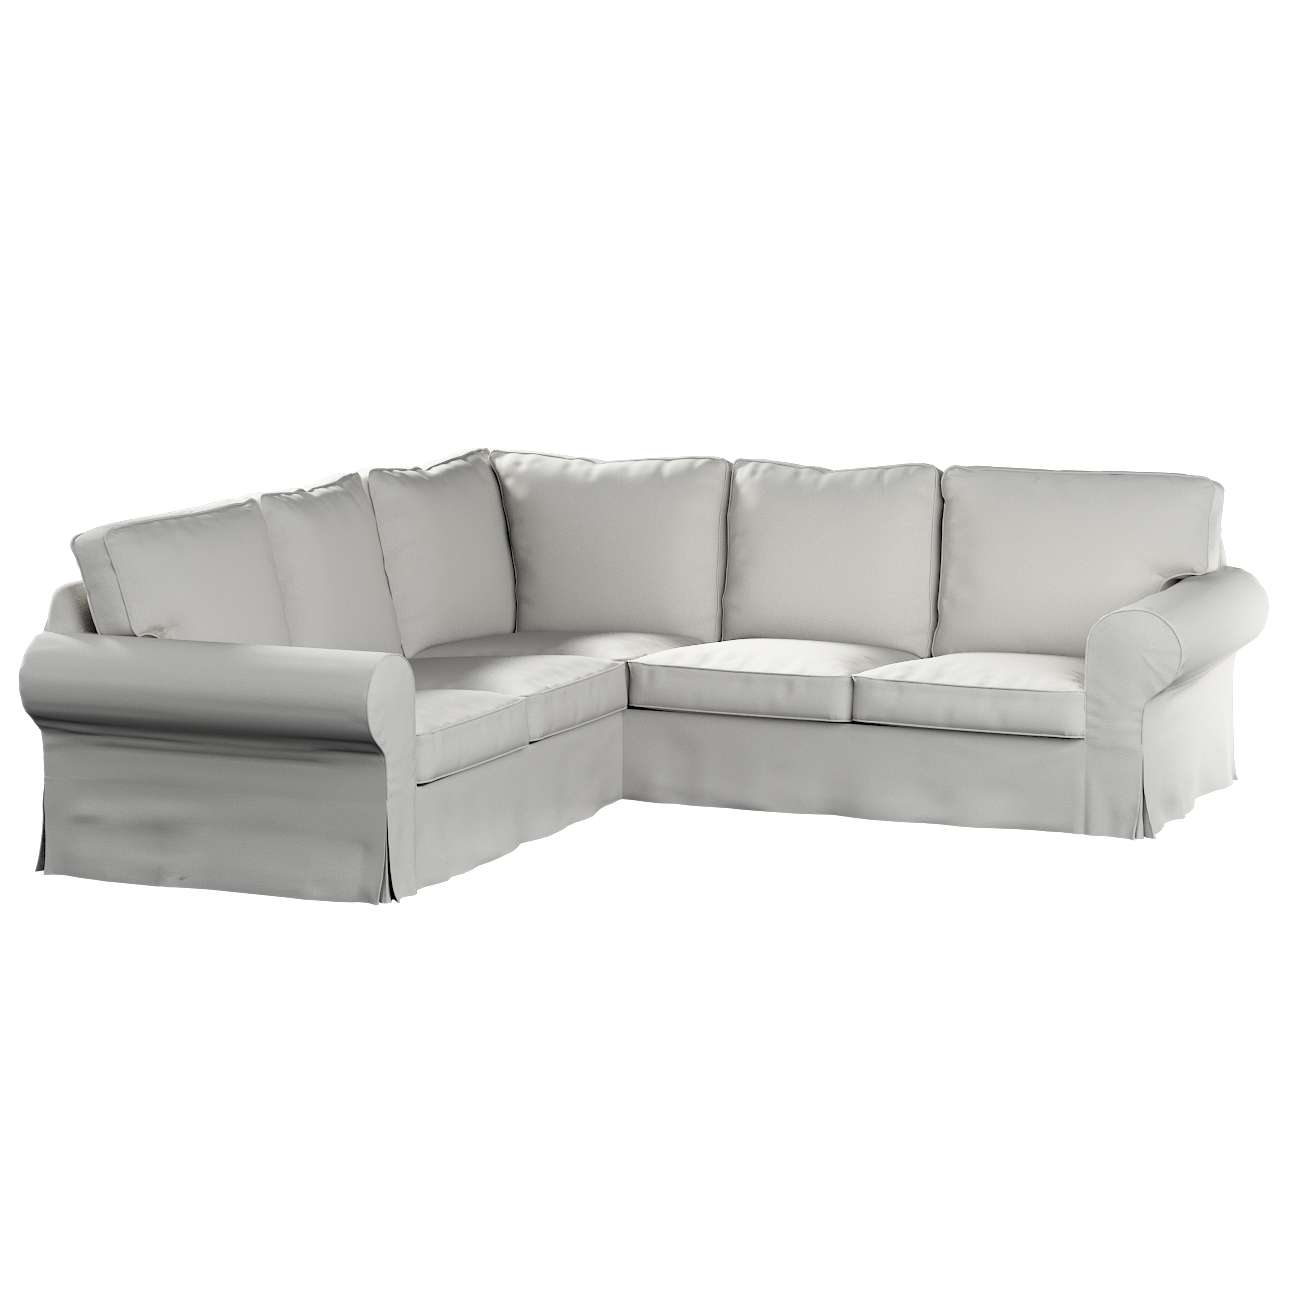 Pokrowiec Ektorp na sofę Sofa Ektorp narożna w kolekcji Etna , tkanina: 705-90